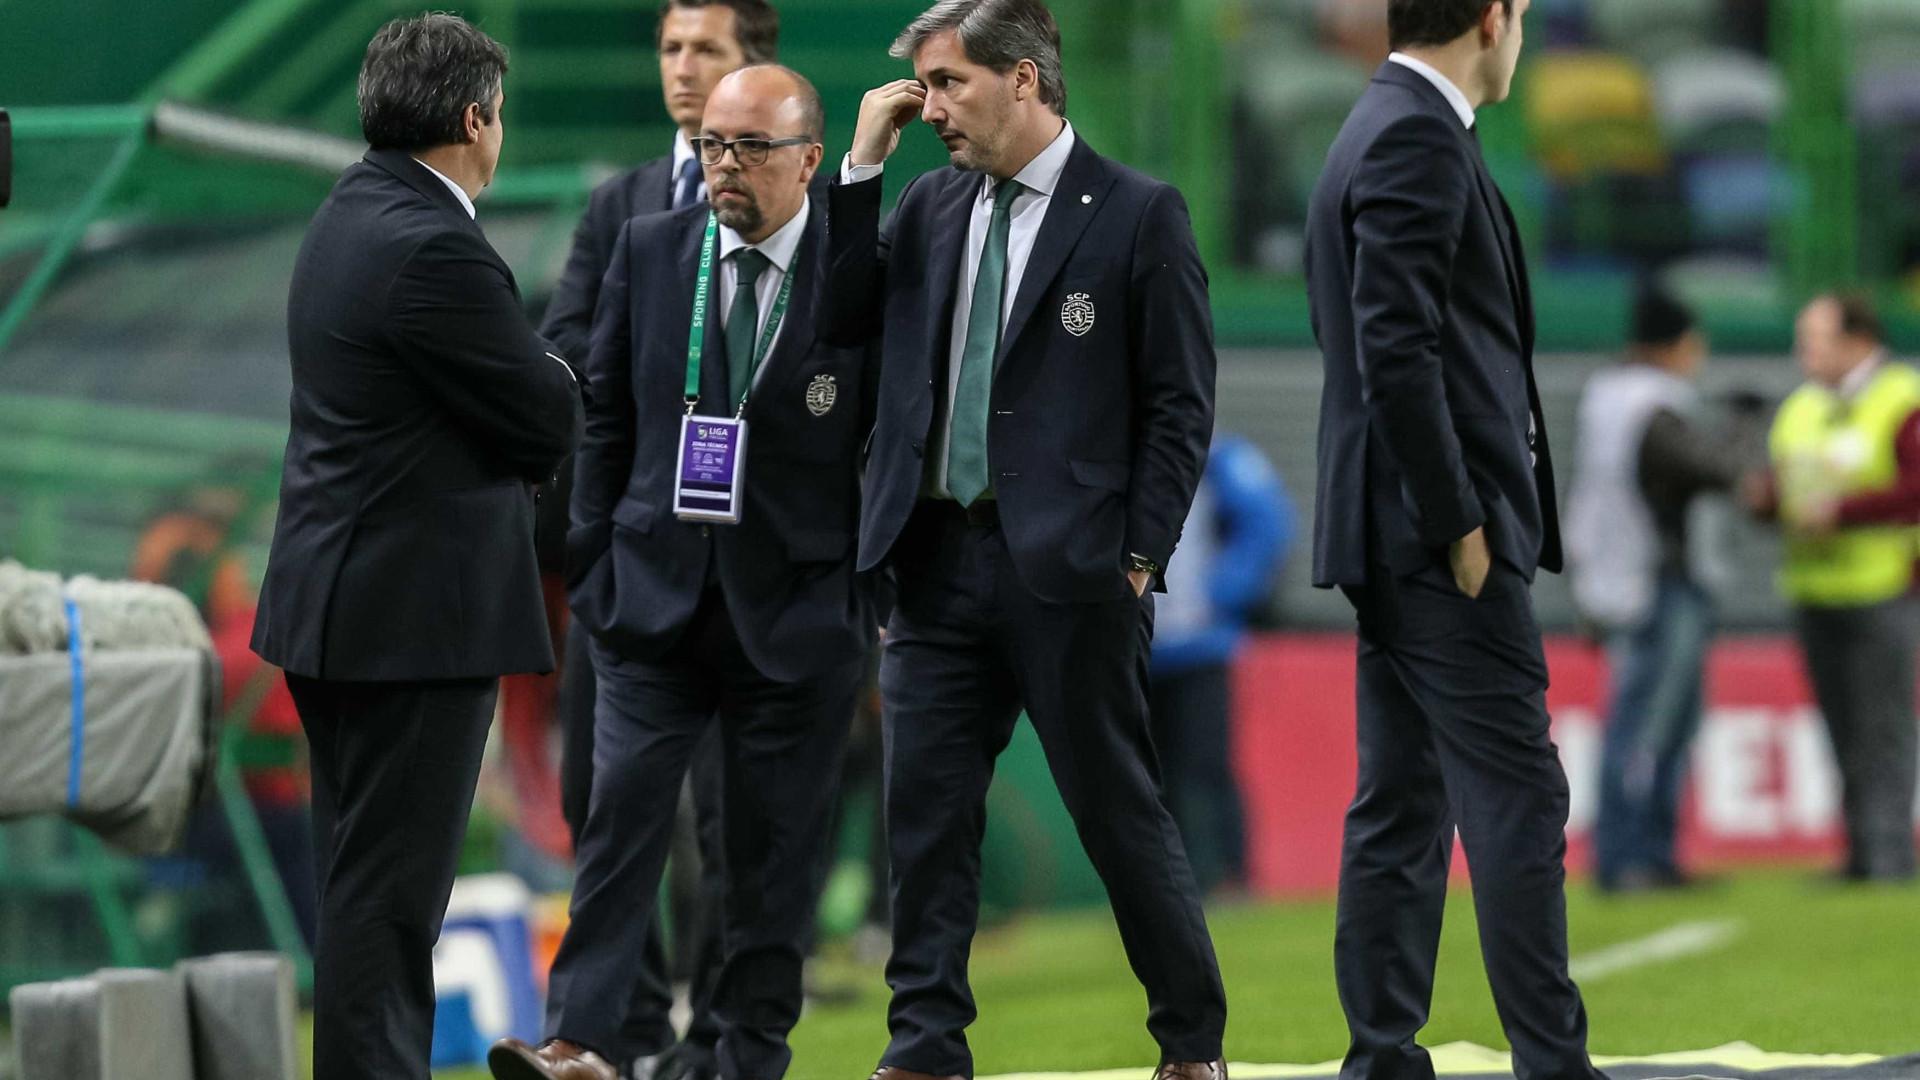 Bruno de Carvalho falha jogo do Sporting com o Rio Ave após indisposição